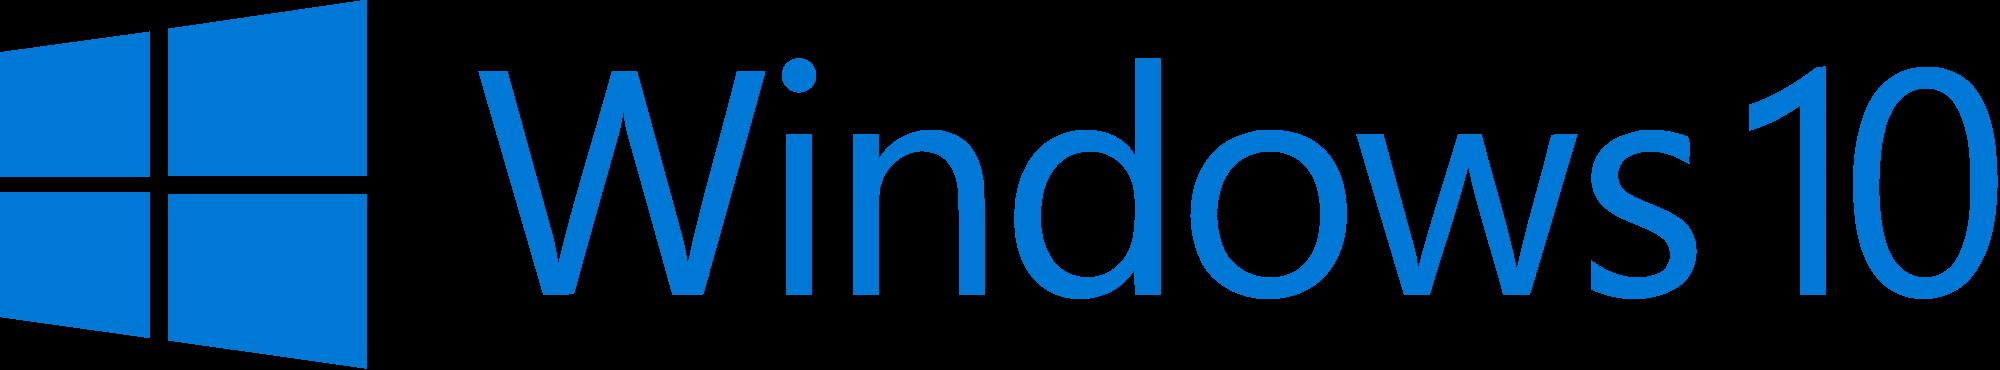 Windows 10 Logo.png